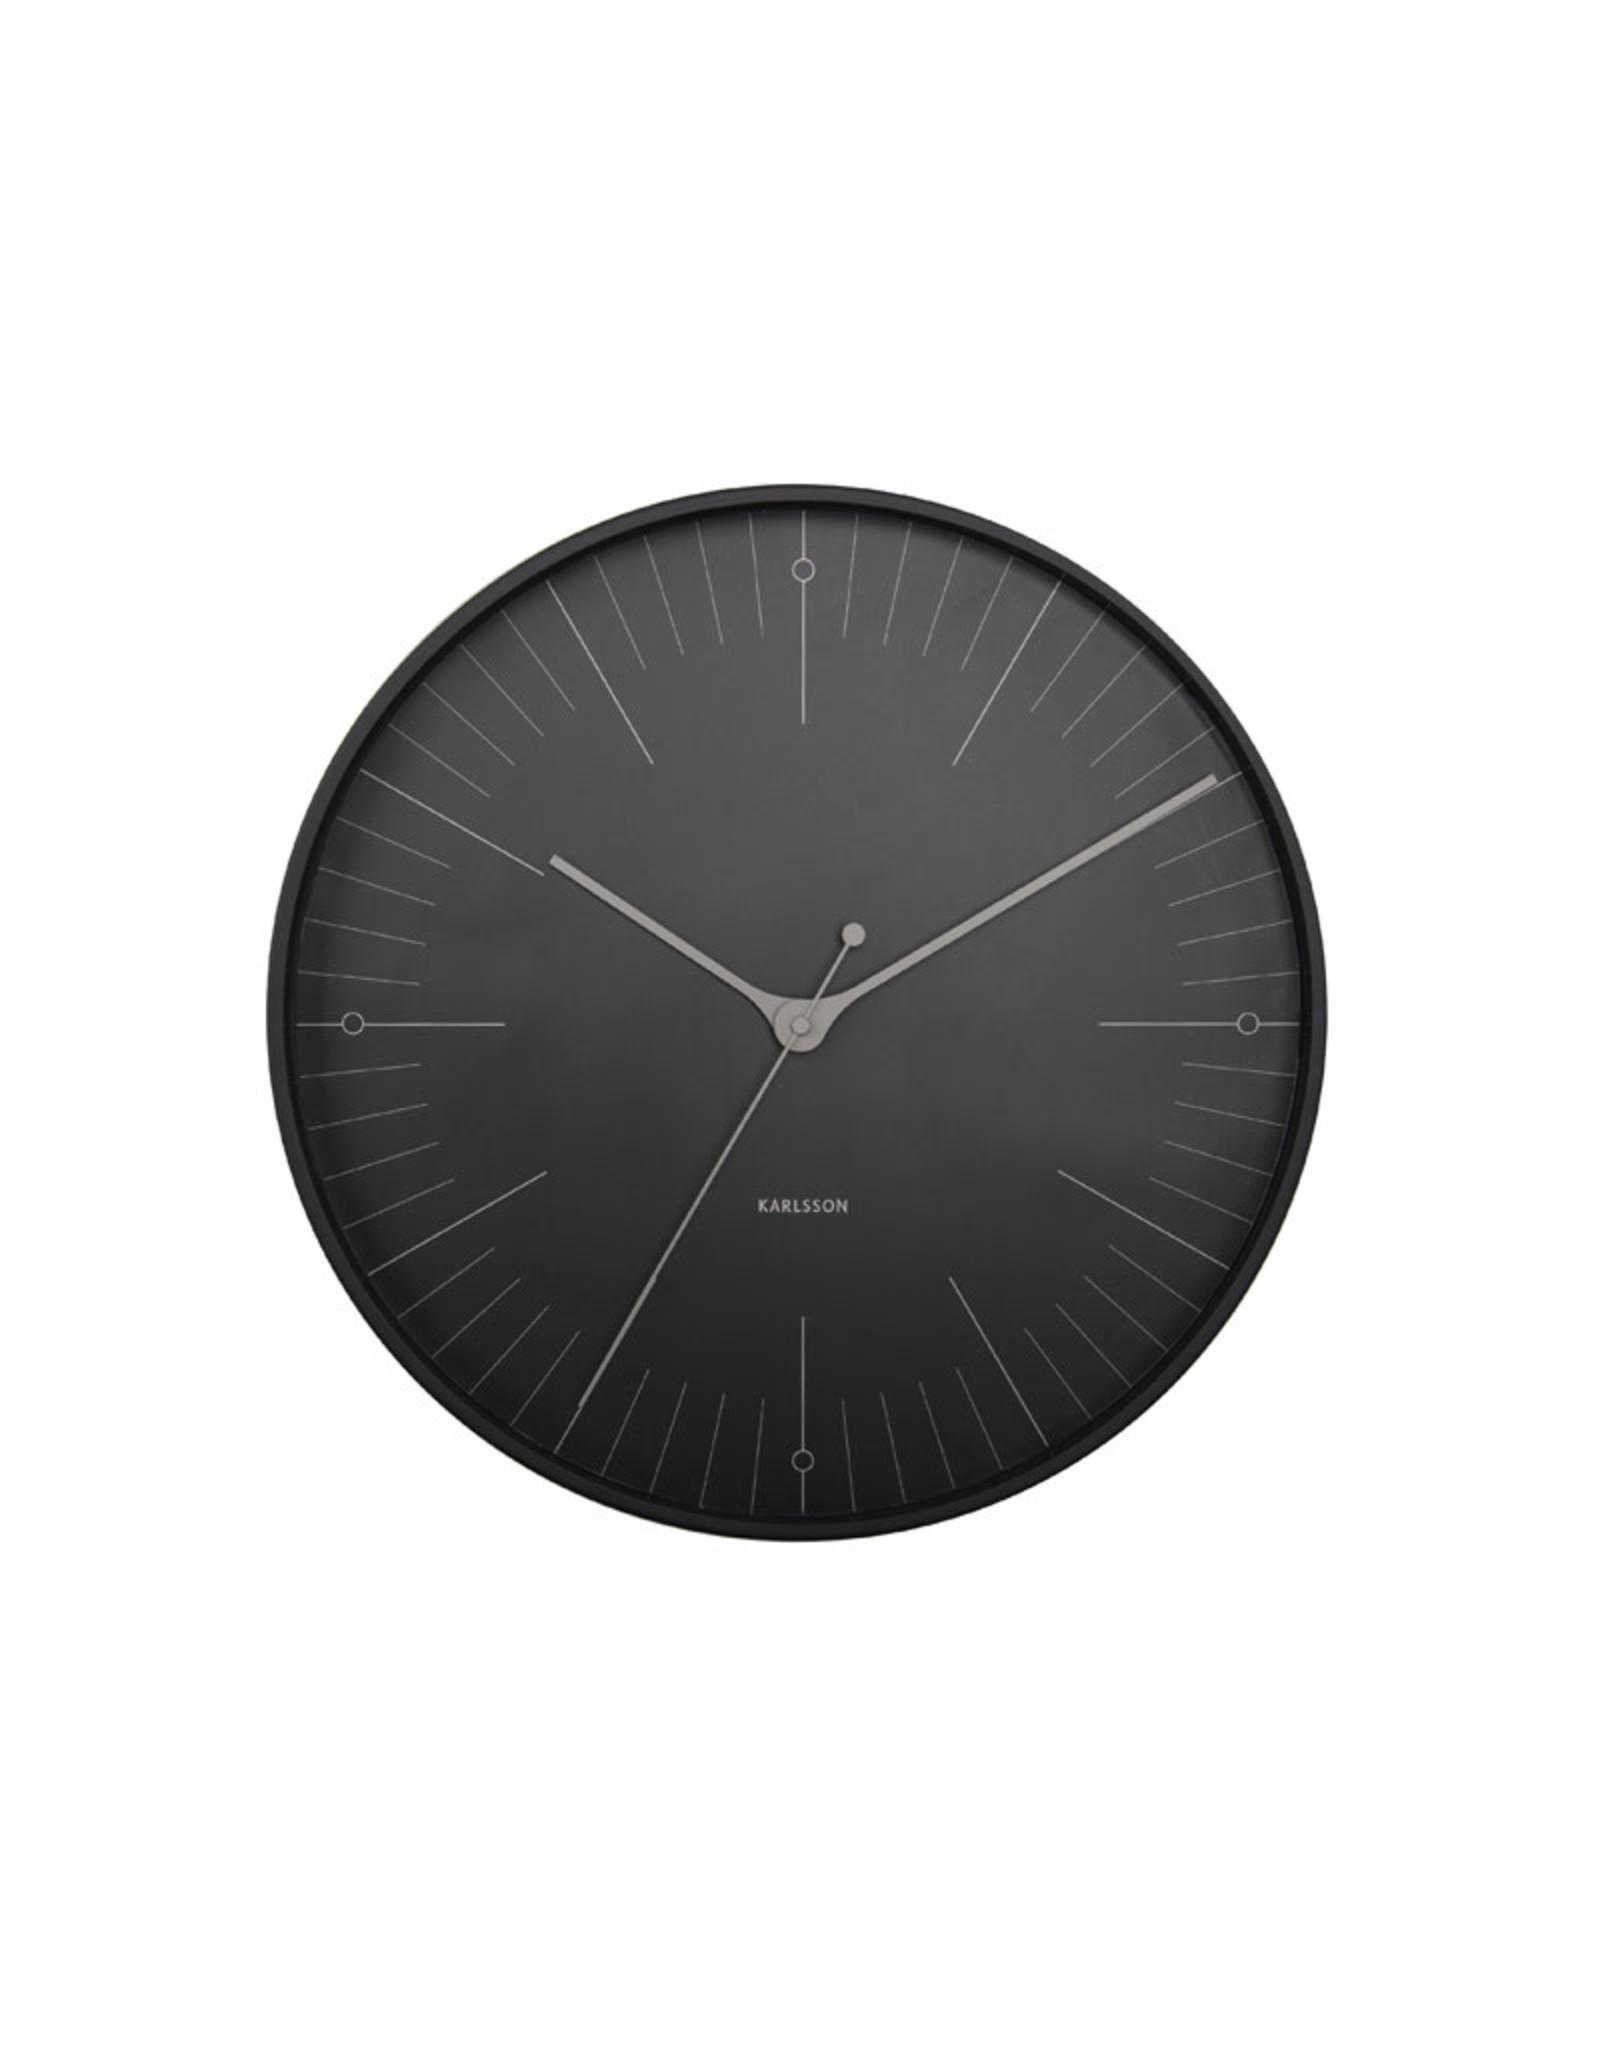 KARLSSON KARLSSON INDEX WALL CLOCK